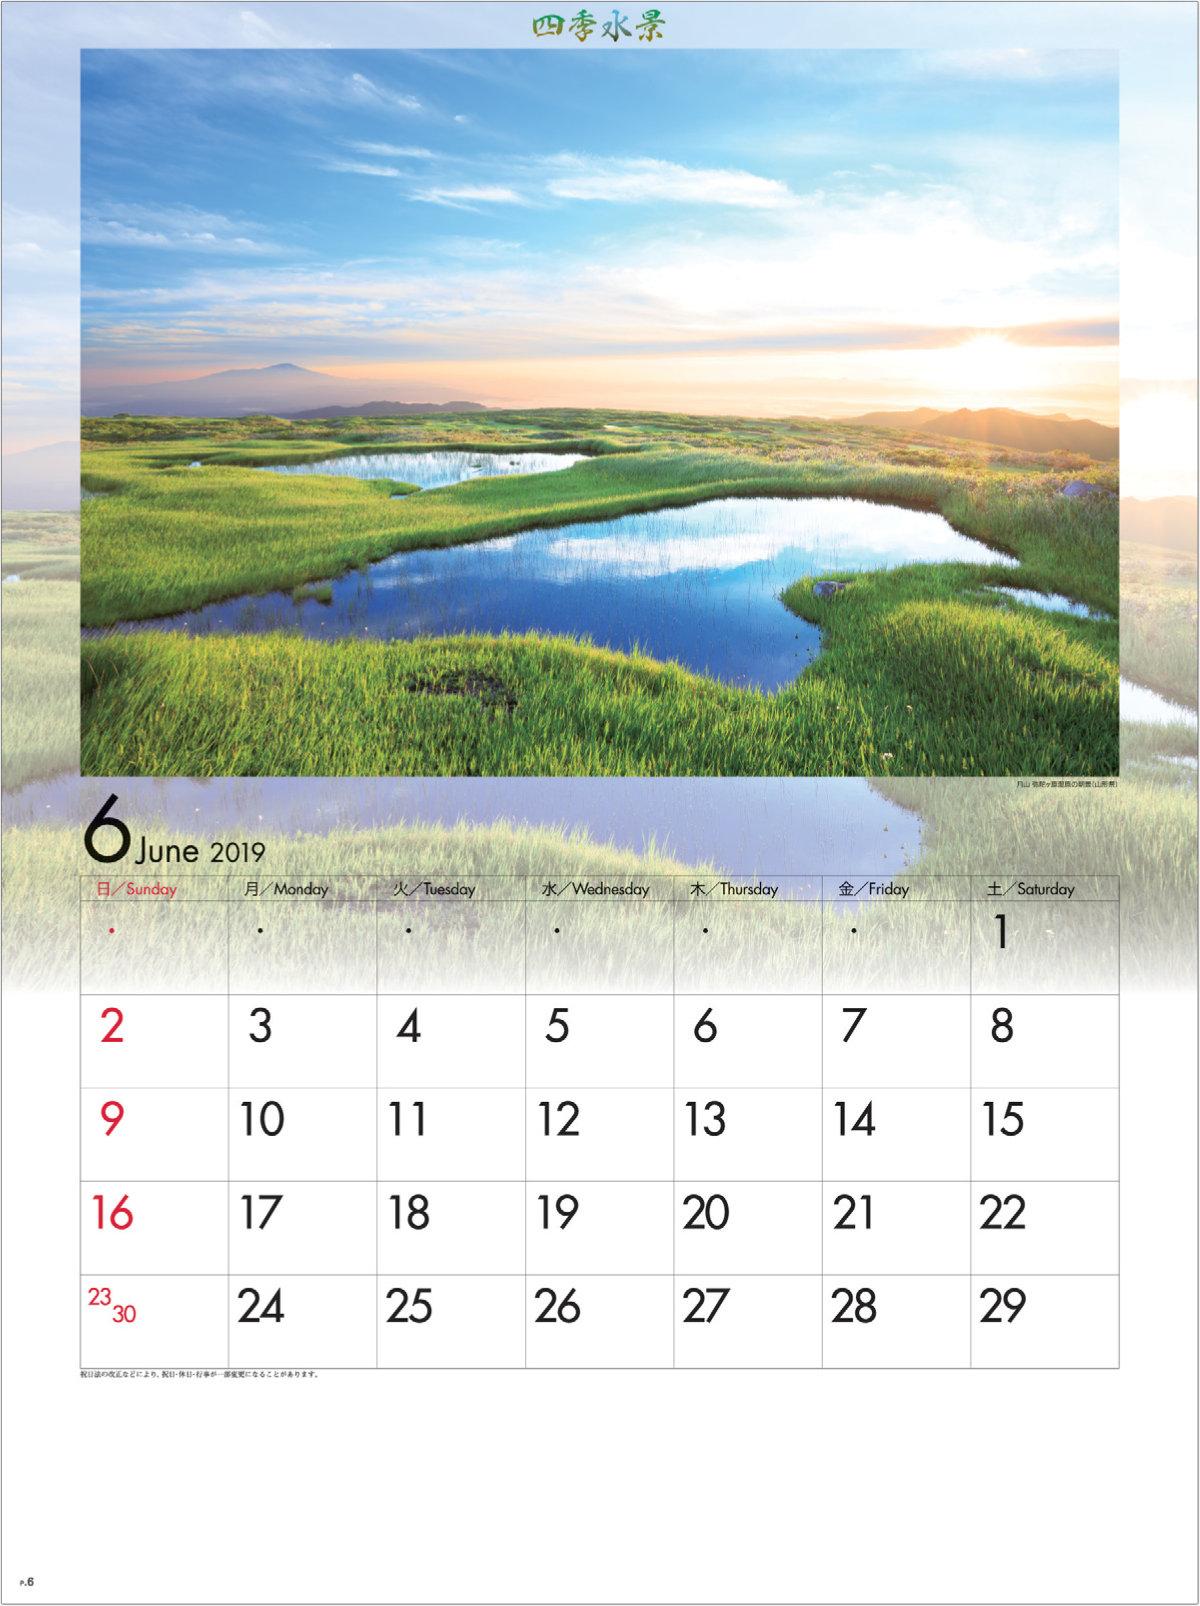 画像:山形県 月山阿弥陀ヶ原湿原 四季水景 2019年カレンダー